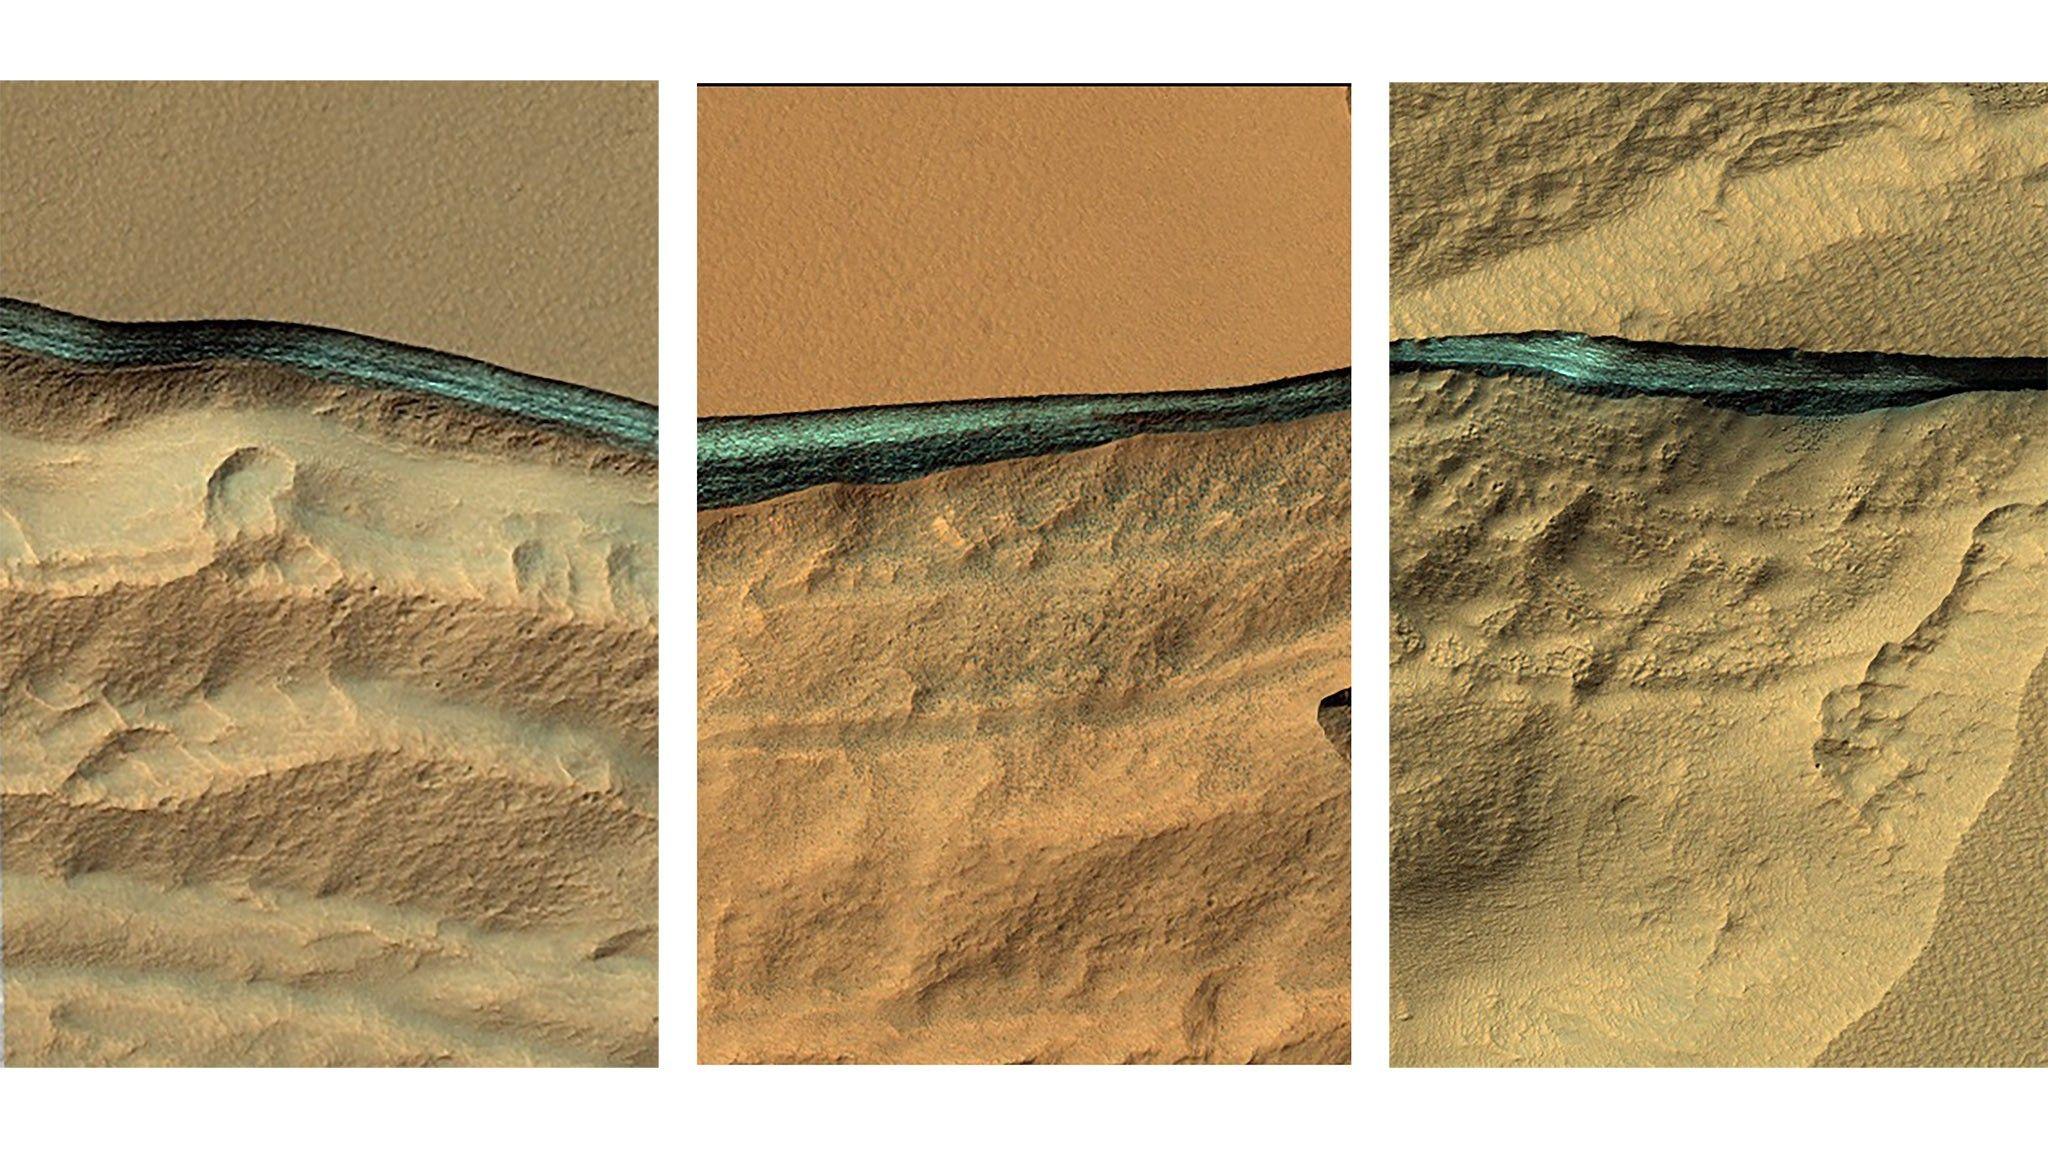 Descubiertas enormes reservas de agua en Marte